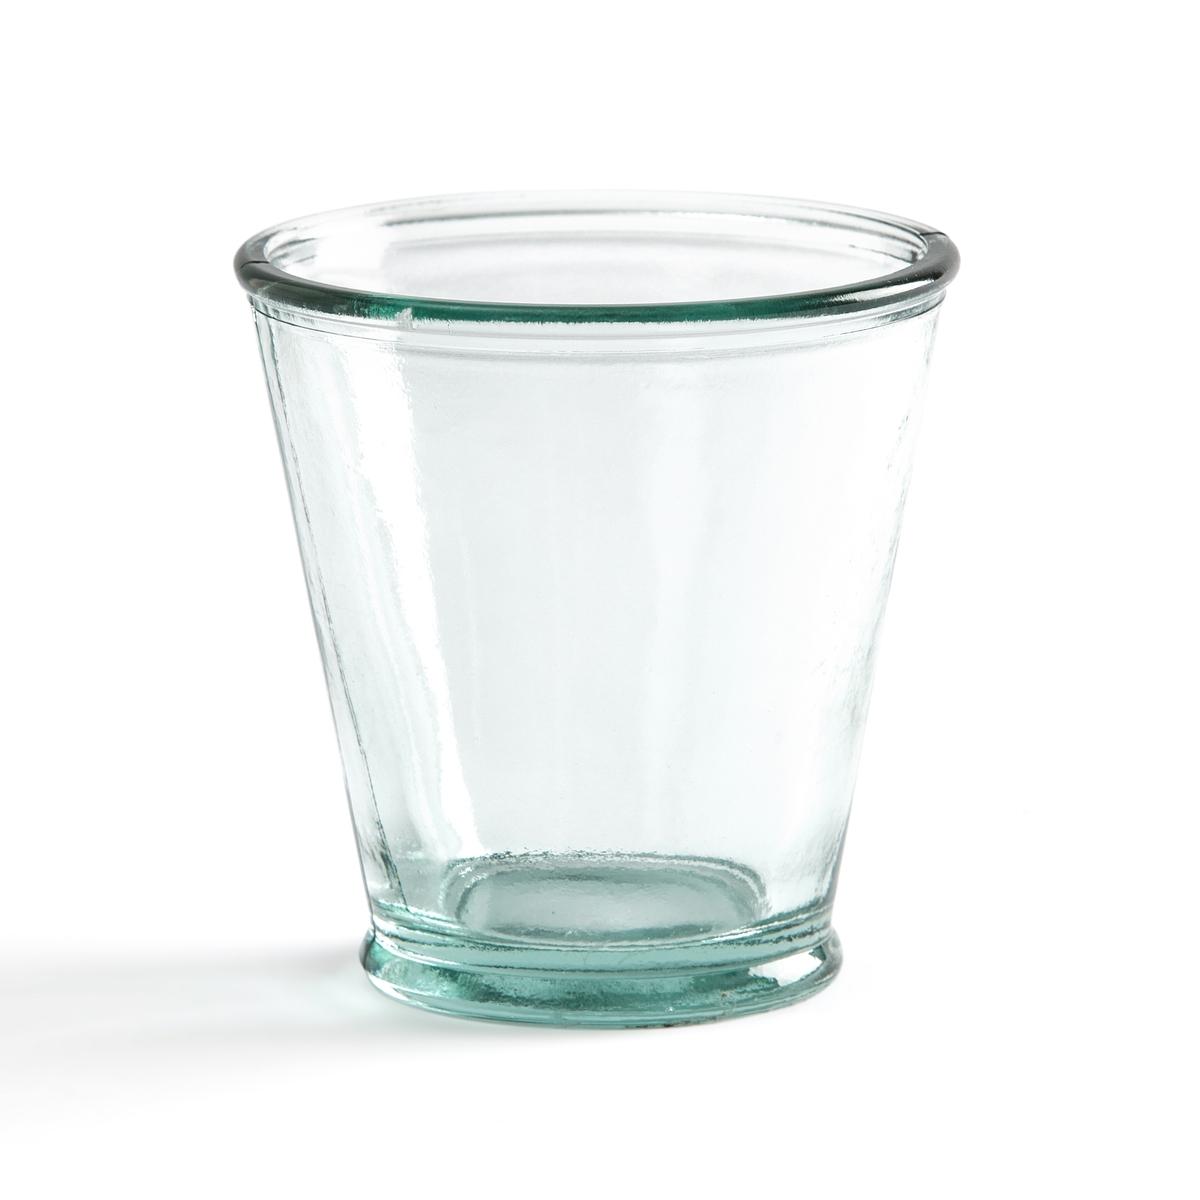 Фото - Комплект из 4 стаканов, Nikara LaRedoute La Redoute единый размер другие набор la redoute из двух металлических настенных полок watford единый размер черный